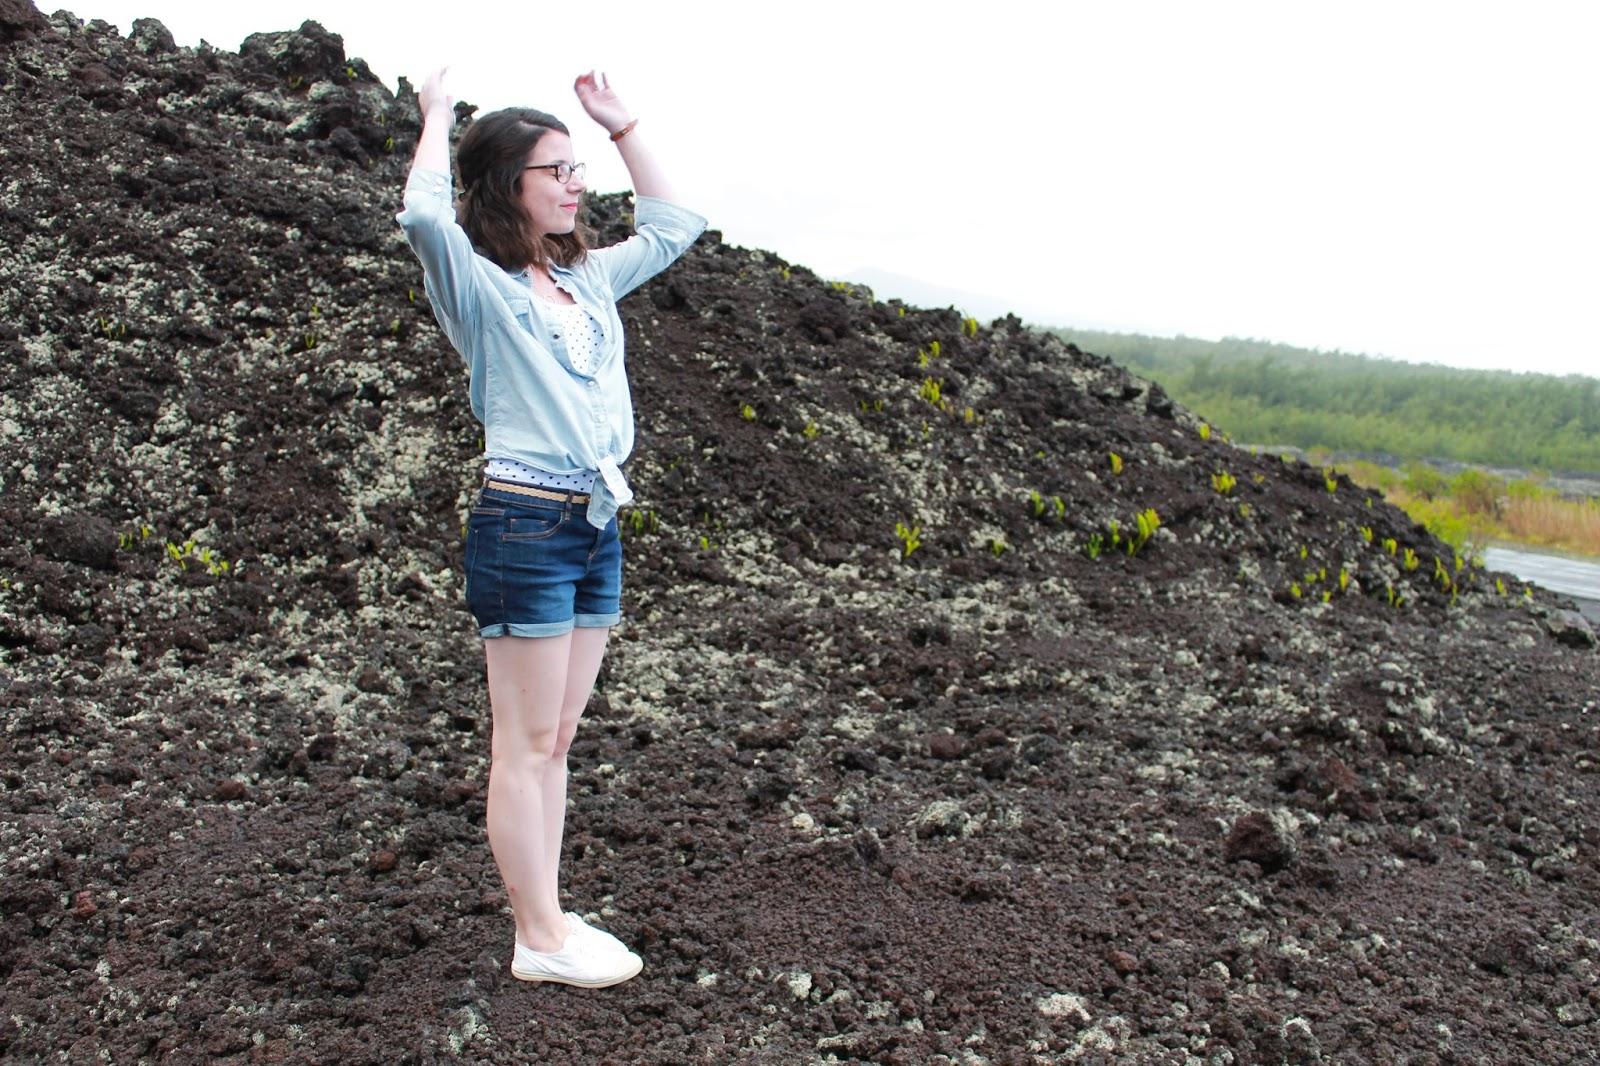 gotoreunion ile de la réunion voyage travel blog trip road trip océan indien visite à faire vacances holidays que faire sud sauvage reunion island les gommettes de melo gomette route des laves volcan coulée ootd kiabi